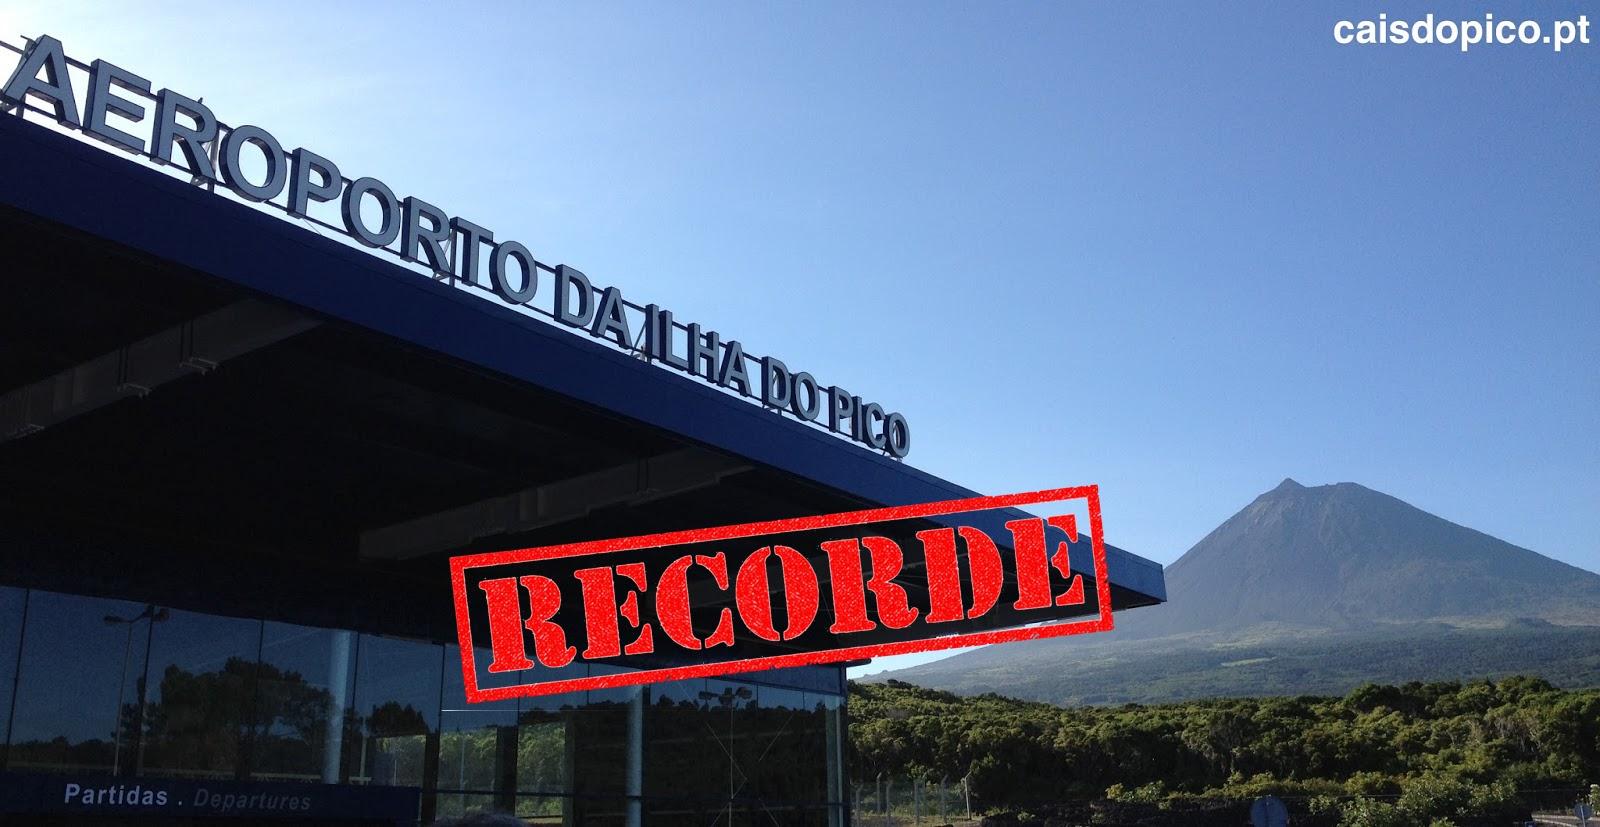 Estação Aeroporto Julho 2014 by Estação Aeroporto issuu